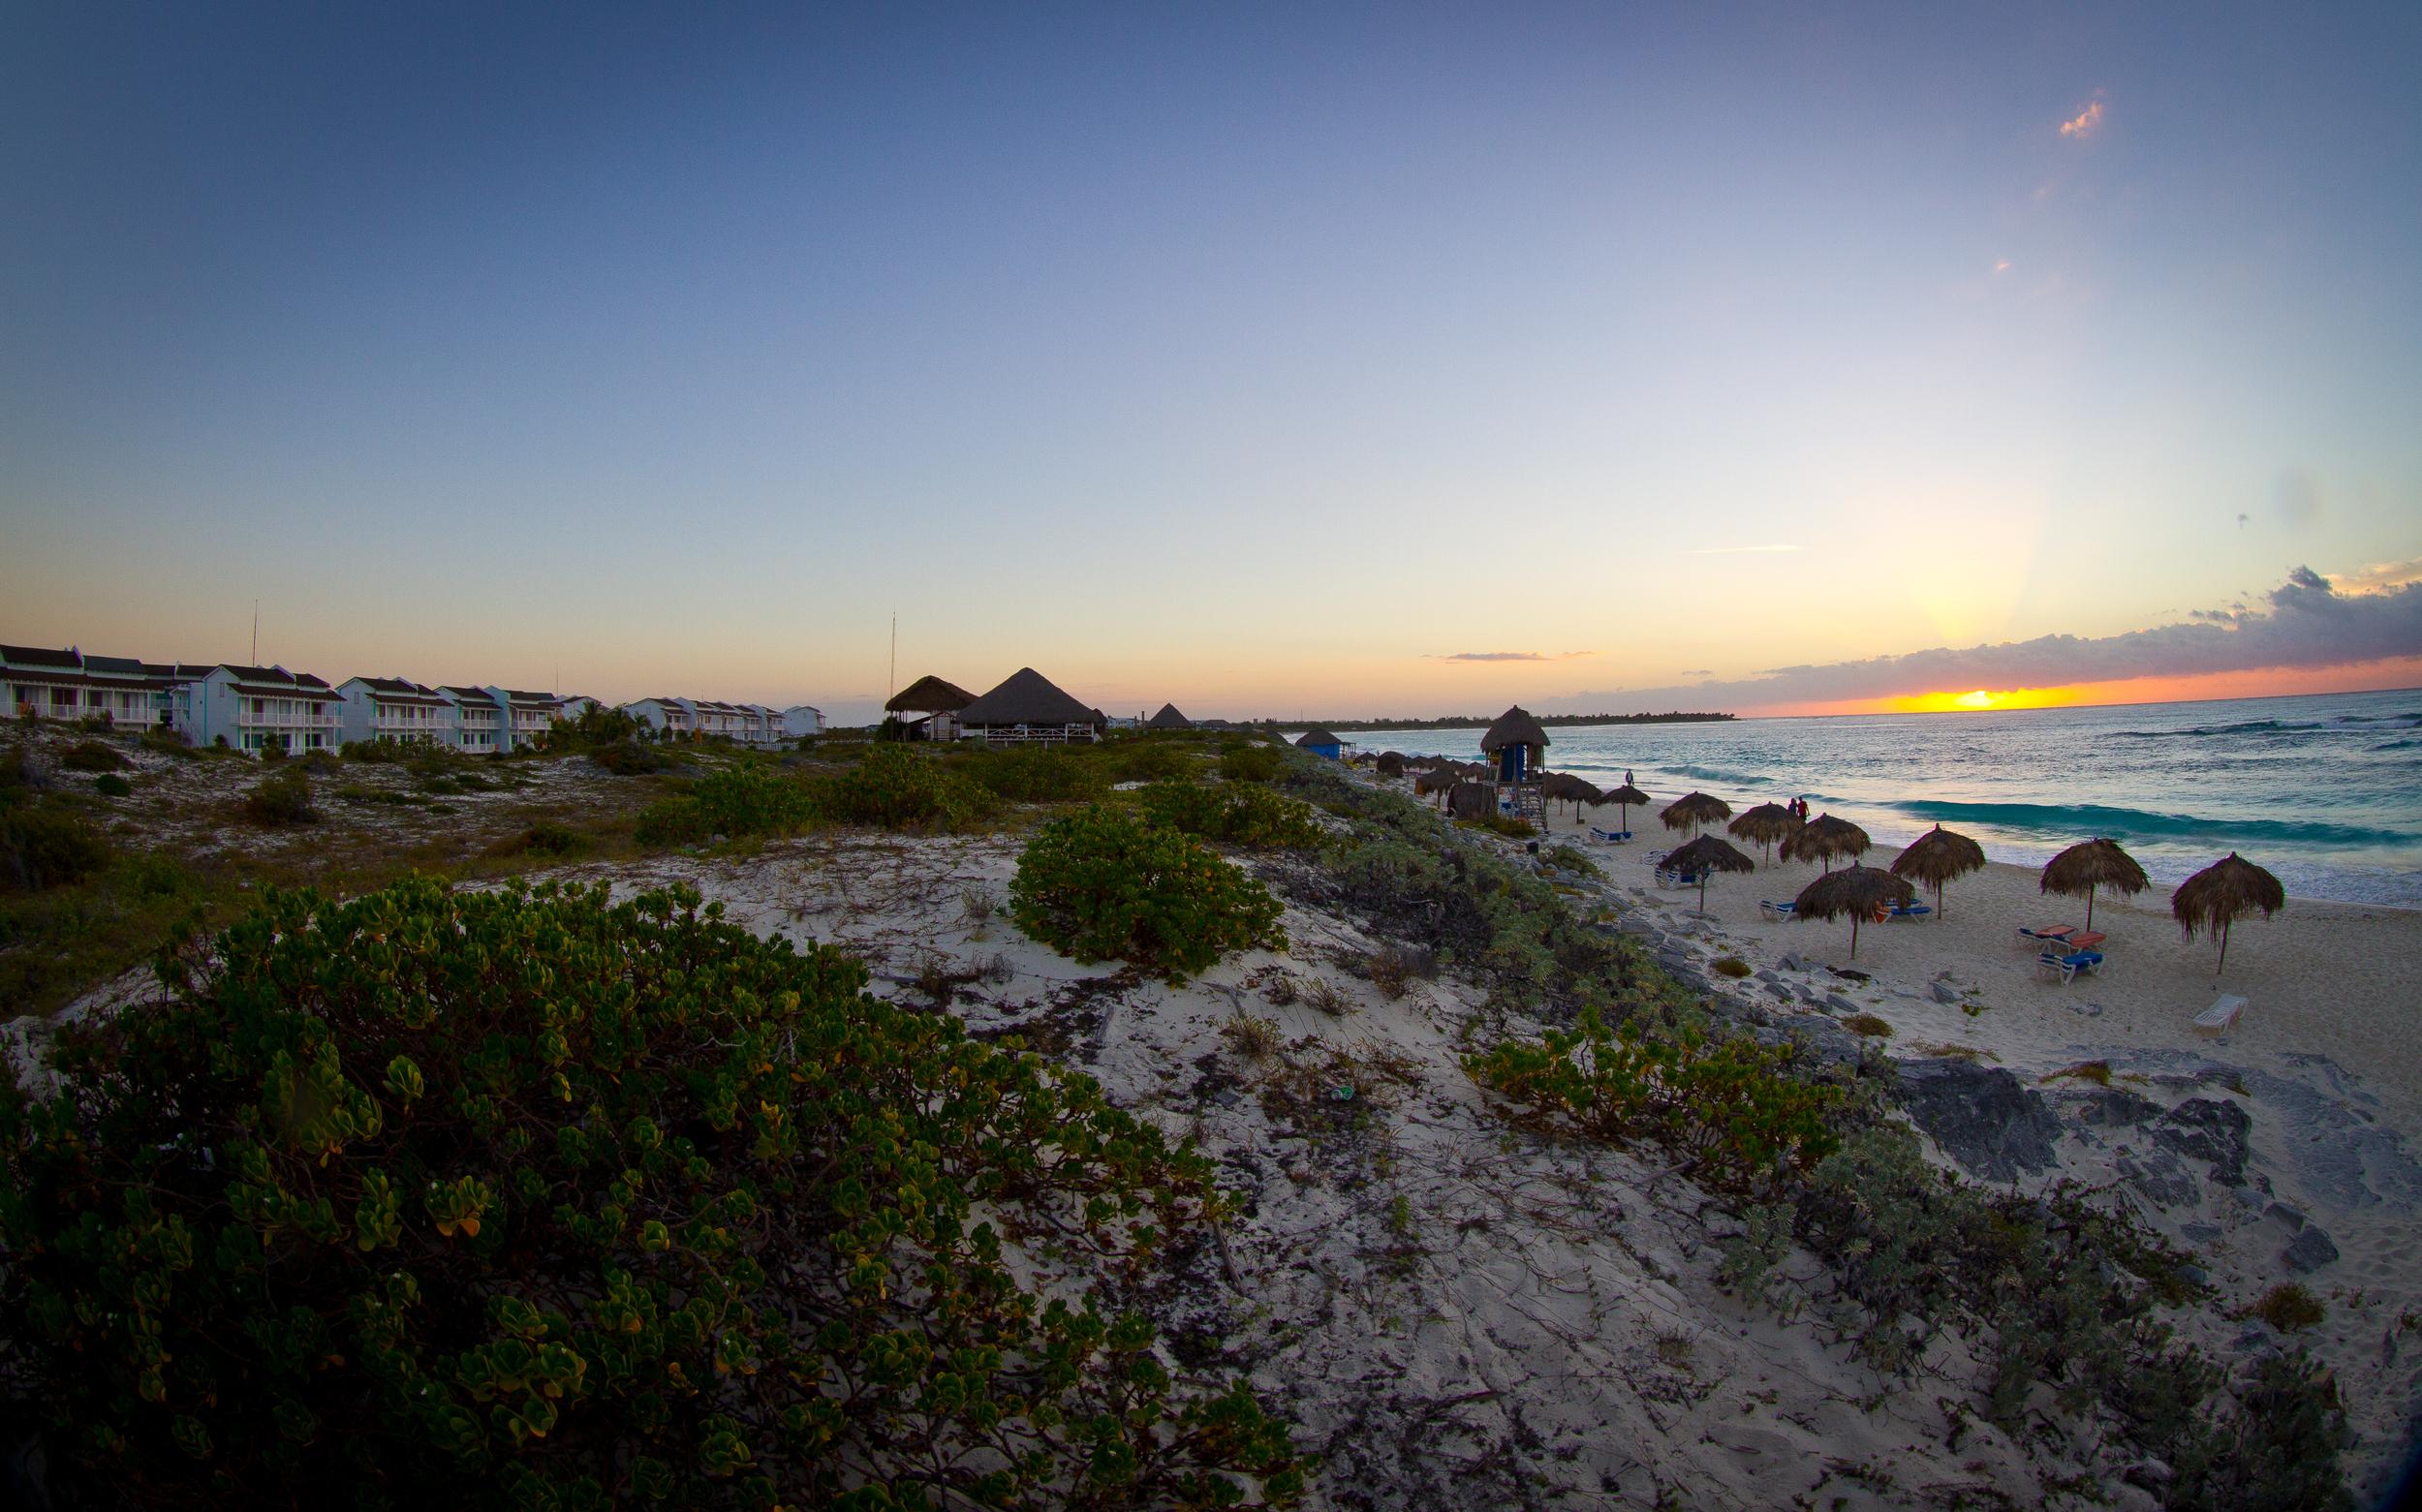 Sunrise at Sol Club beach, Cayo Largo, Cuba